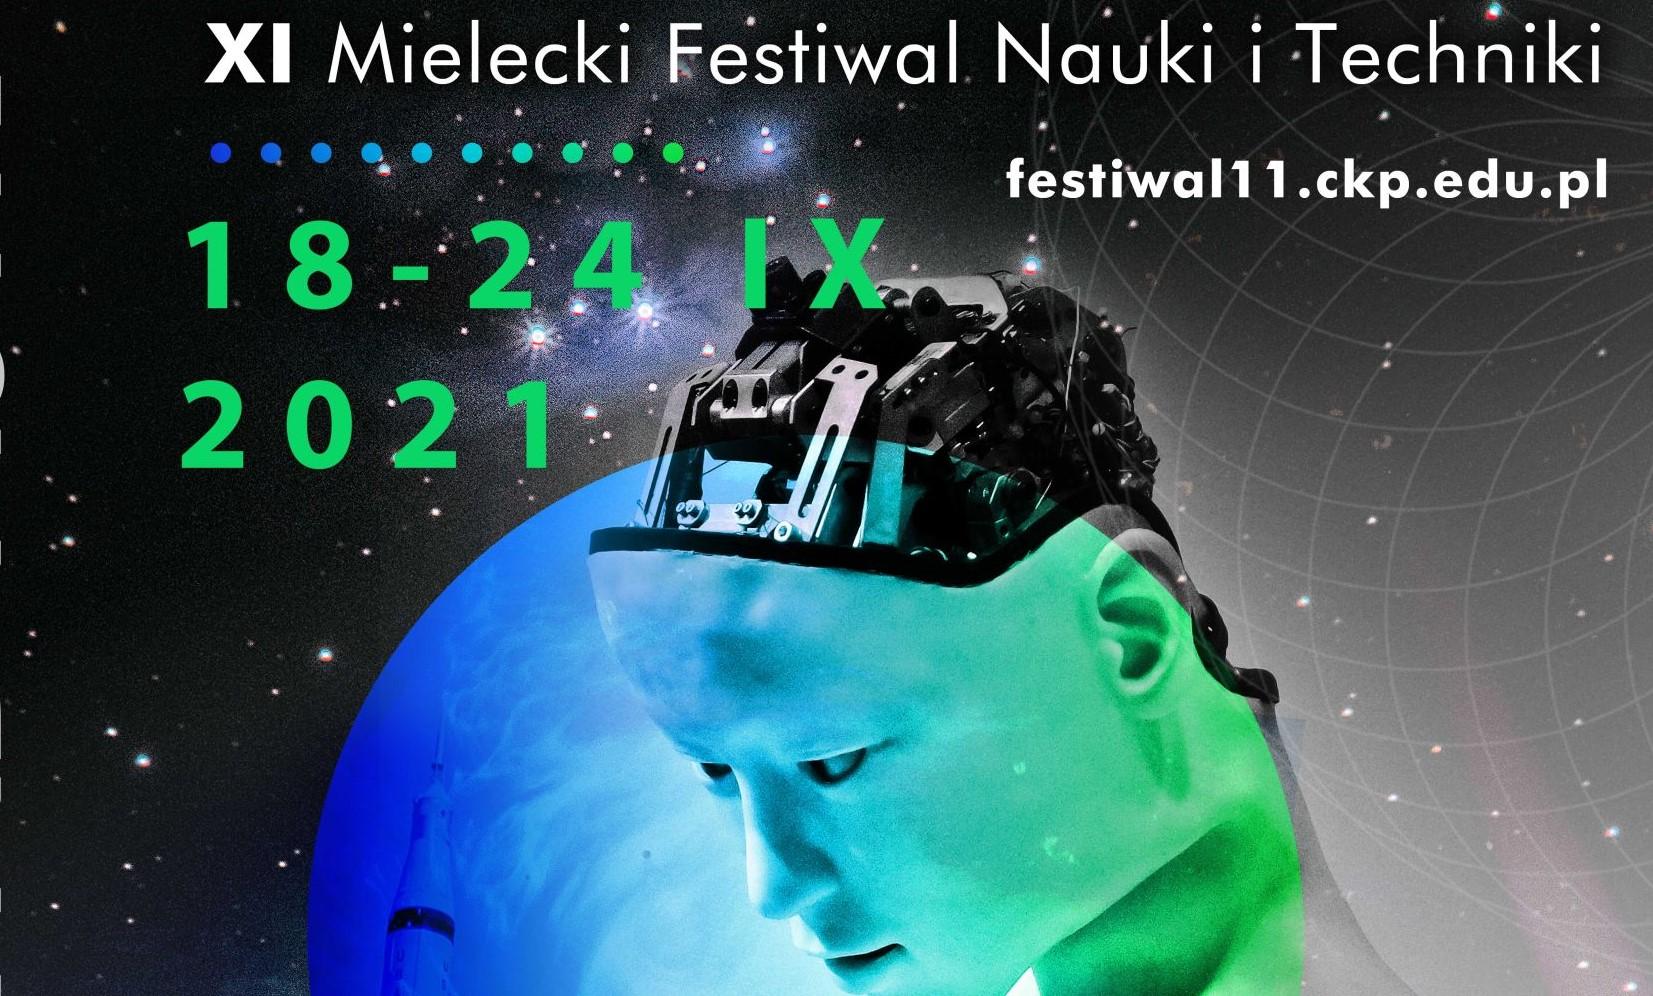 Wkrótce wystartuje XI Mielecki Festiwal Nauki i Techniki [PROGRAM]  - Zdjęcie główne